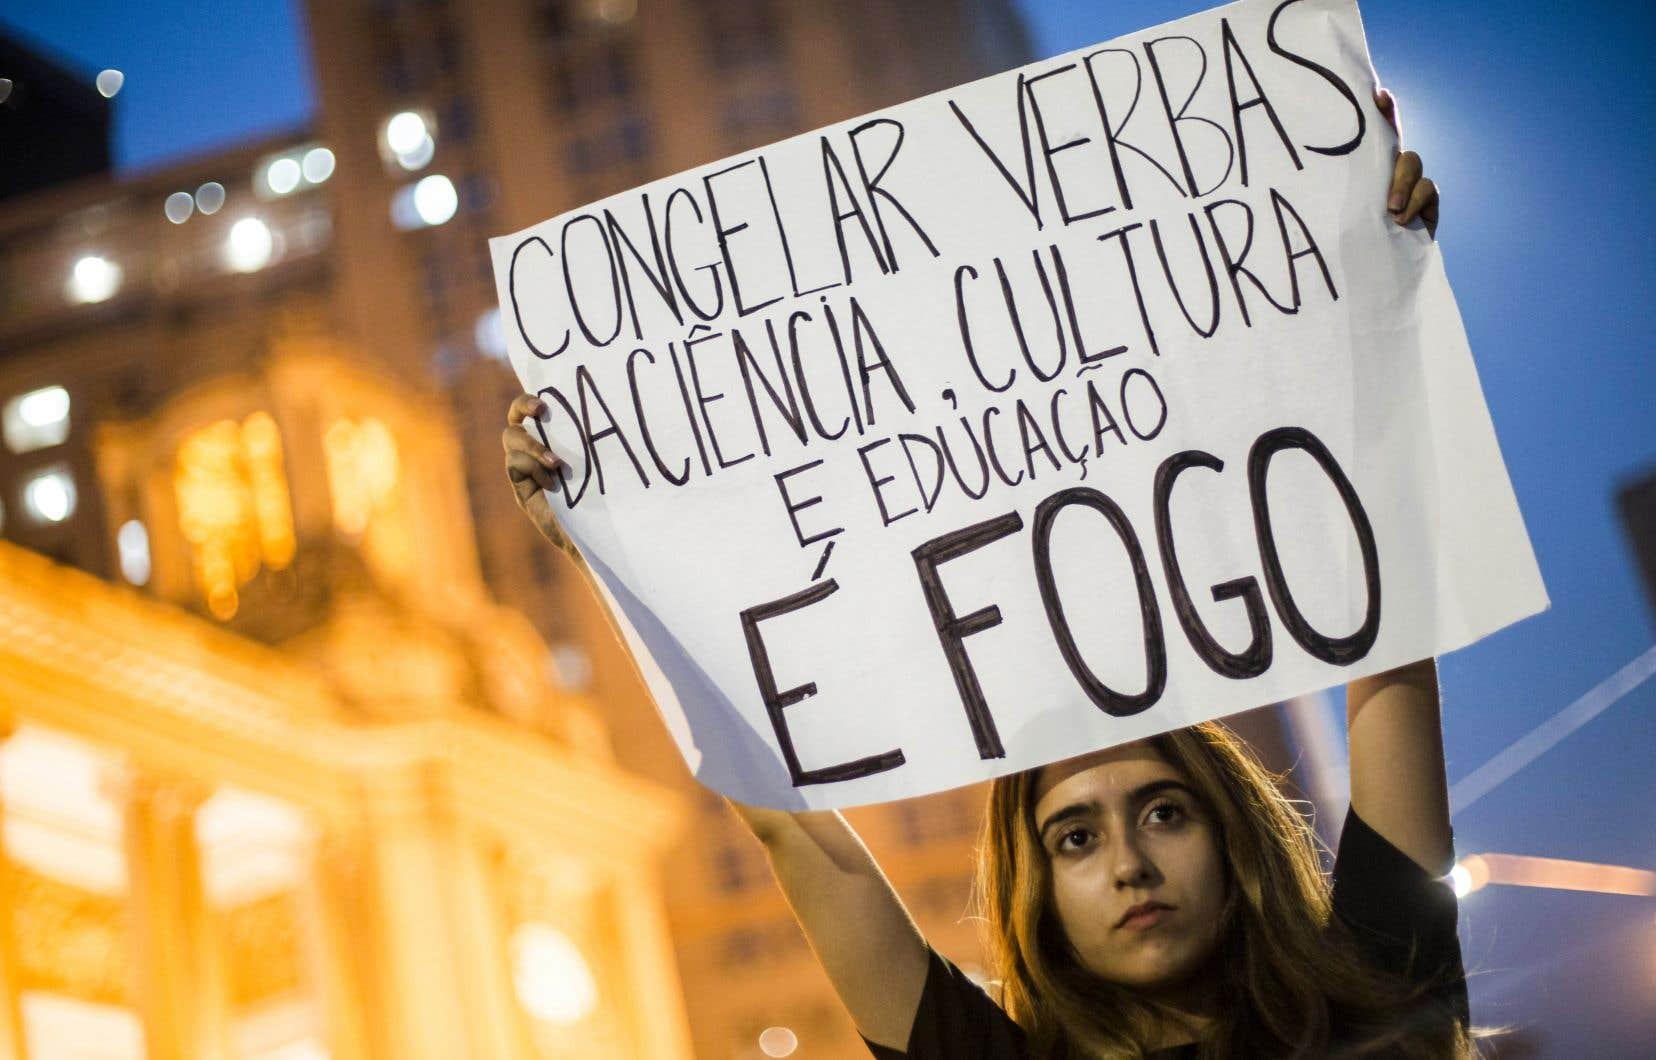 Le Brésil a effectué ces derniers mois de nombreuses compressions budgétaires dans les secteurs de la recherche, de la culture et de la science, notamment.